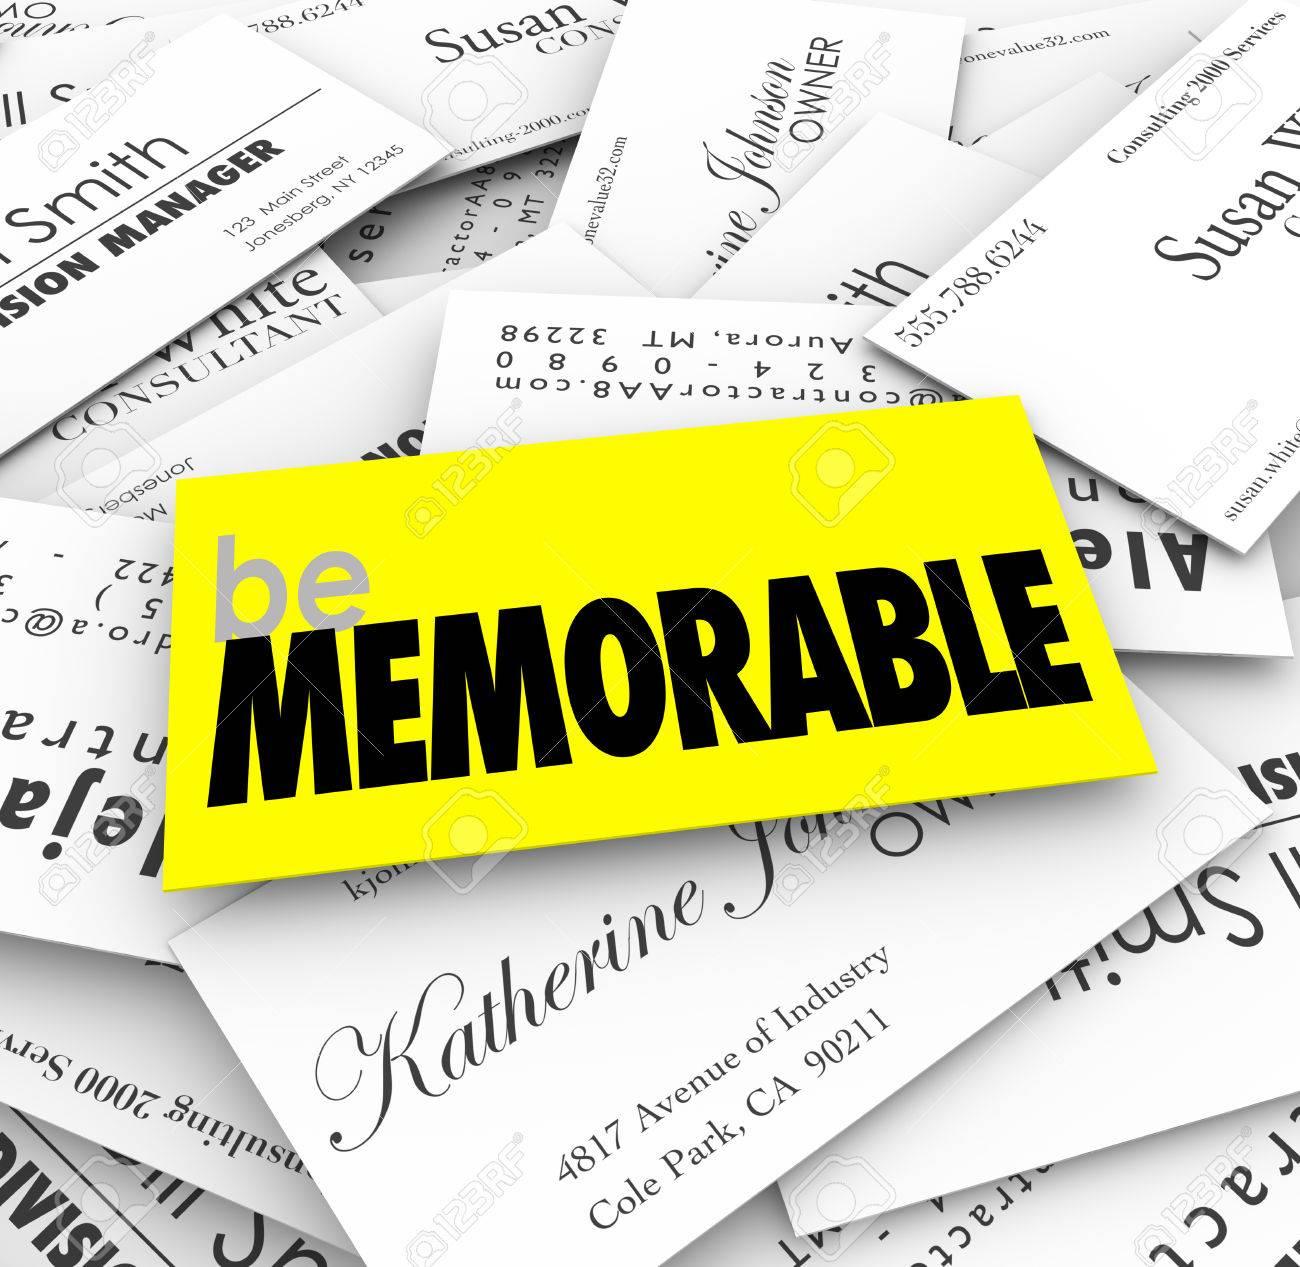 Soyez Mots Mmorables Sur Une Carte De Visite Unique Spcial Ou Diffrent Dans Pile Pour Illustrer La Ncessit Se Dmarquer Et Rivaliser Avec